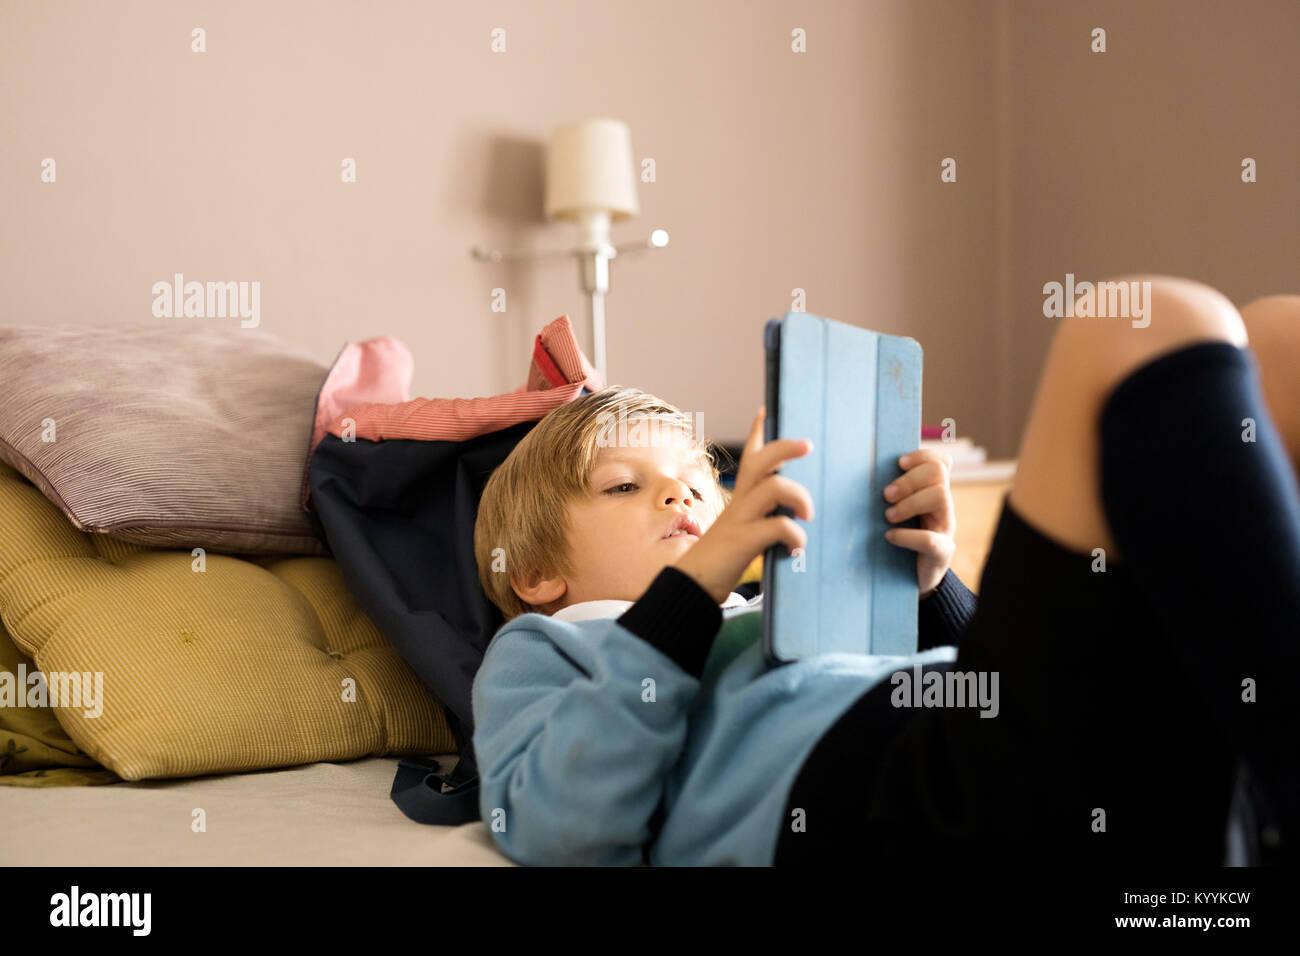 Boy utilizando tablet digital en el dormitorio en el dormitorio Imagen De Stock